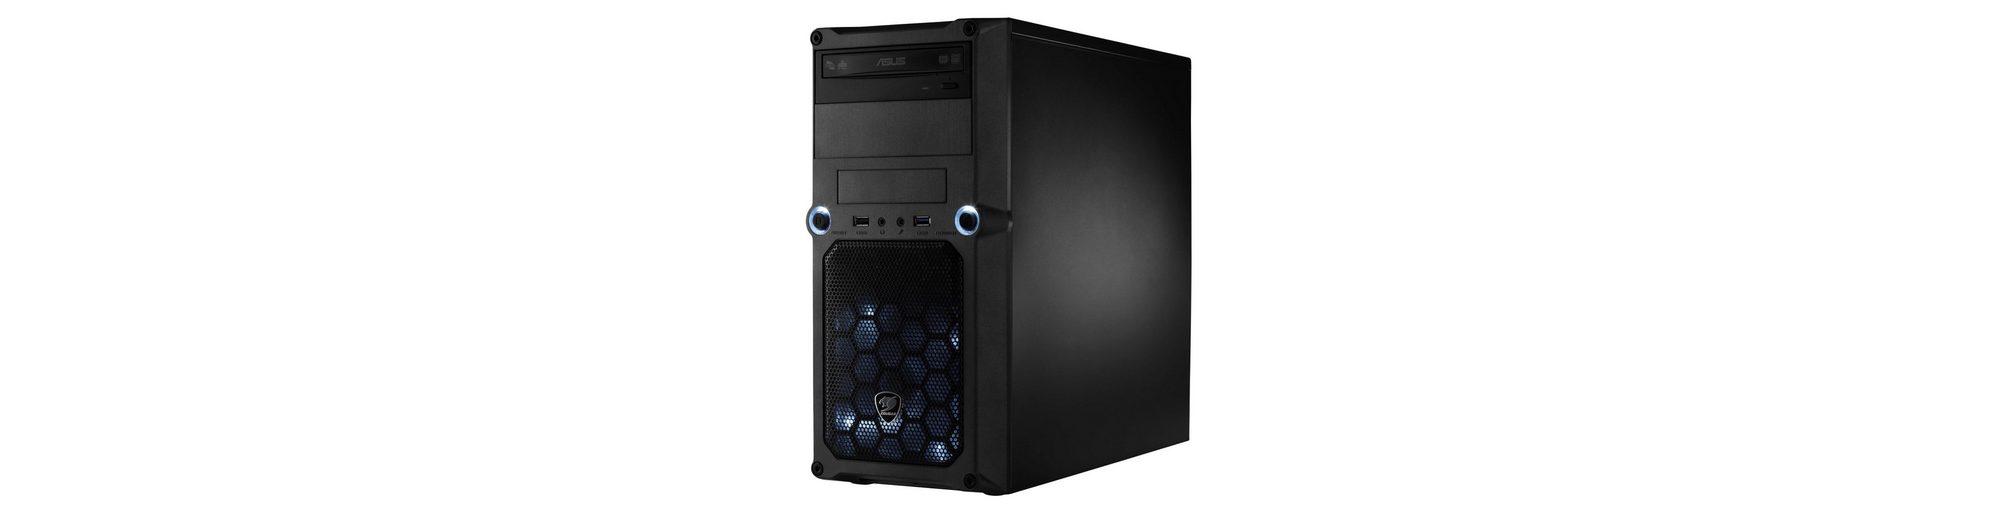 Hyrican Gaming PC Intel® i7-6700, 8GB, 1TB, GeForce® GTX 950 »CyberGamer 5277«